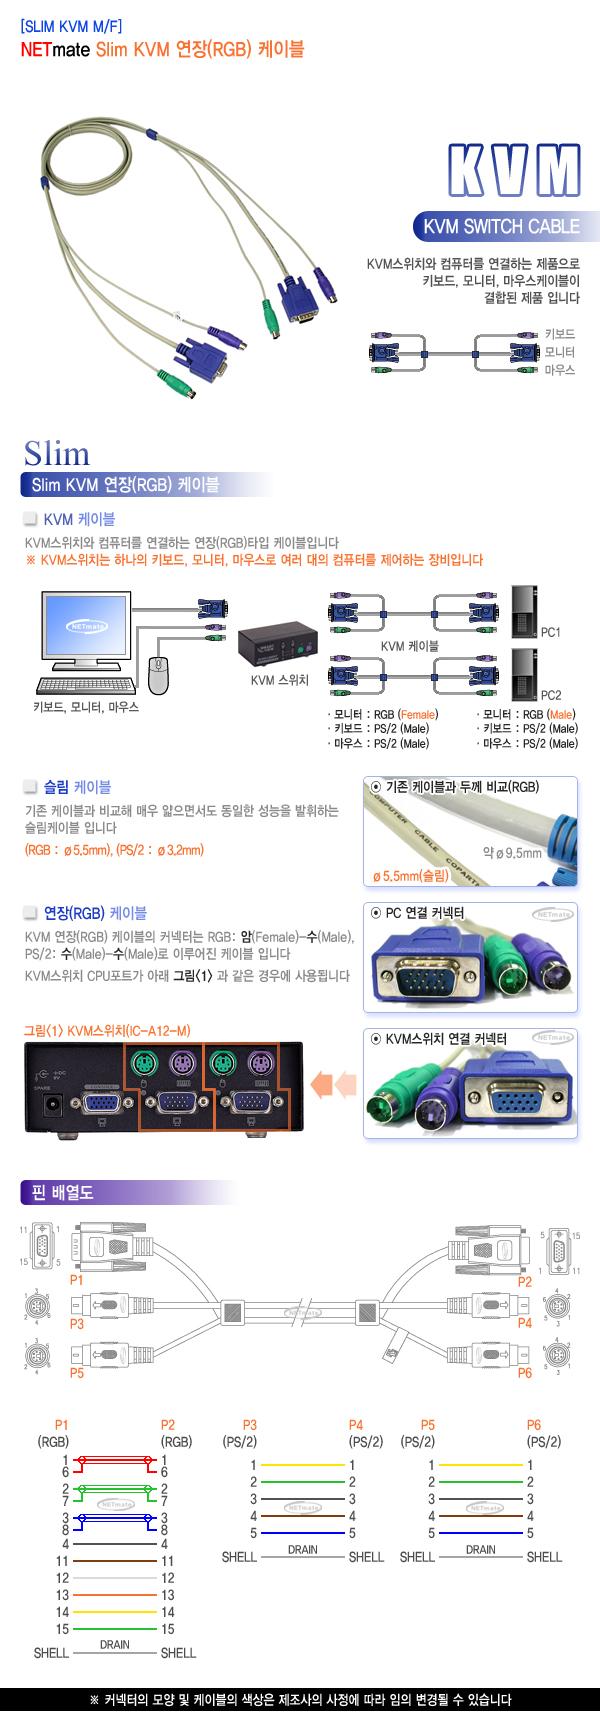 강원전자 NETmate Slim KVM 연장(RGB) 케이블(1.8m, SLIM KVM M/F-1.8M)